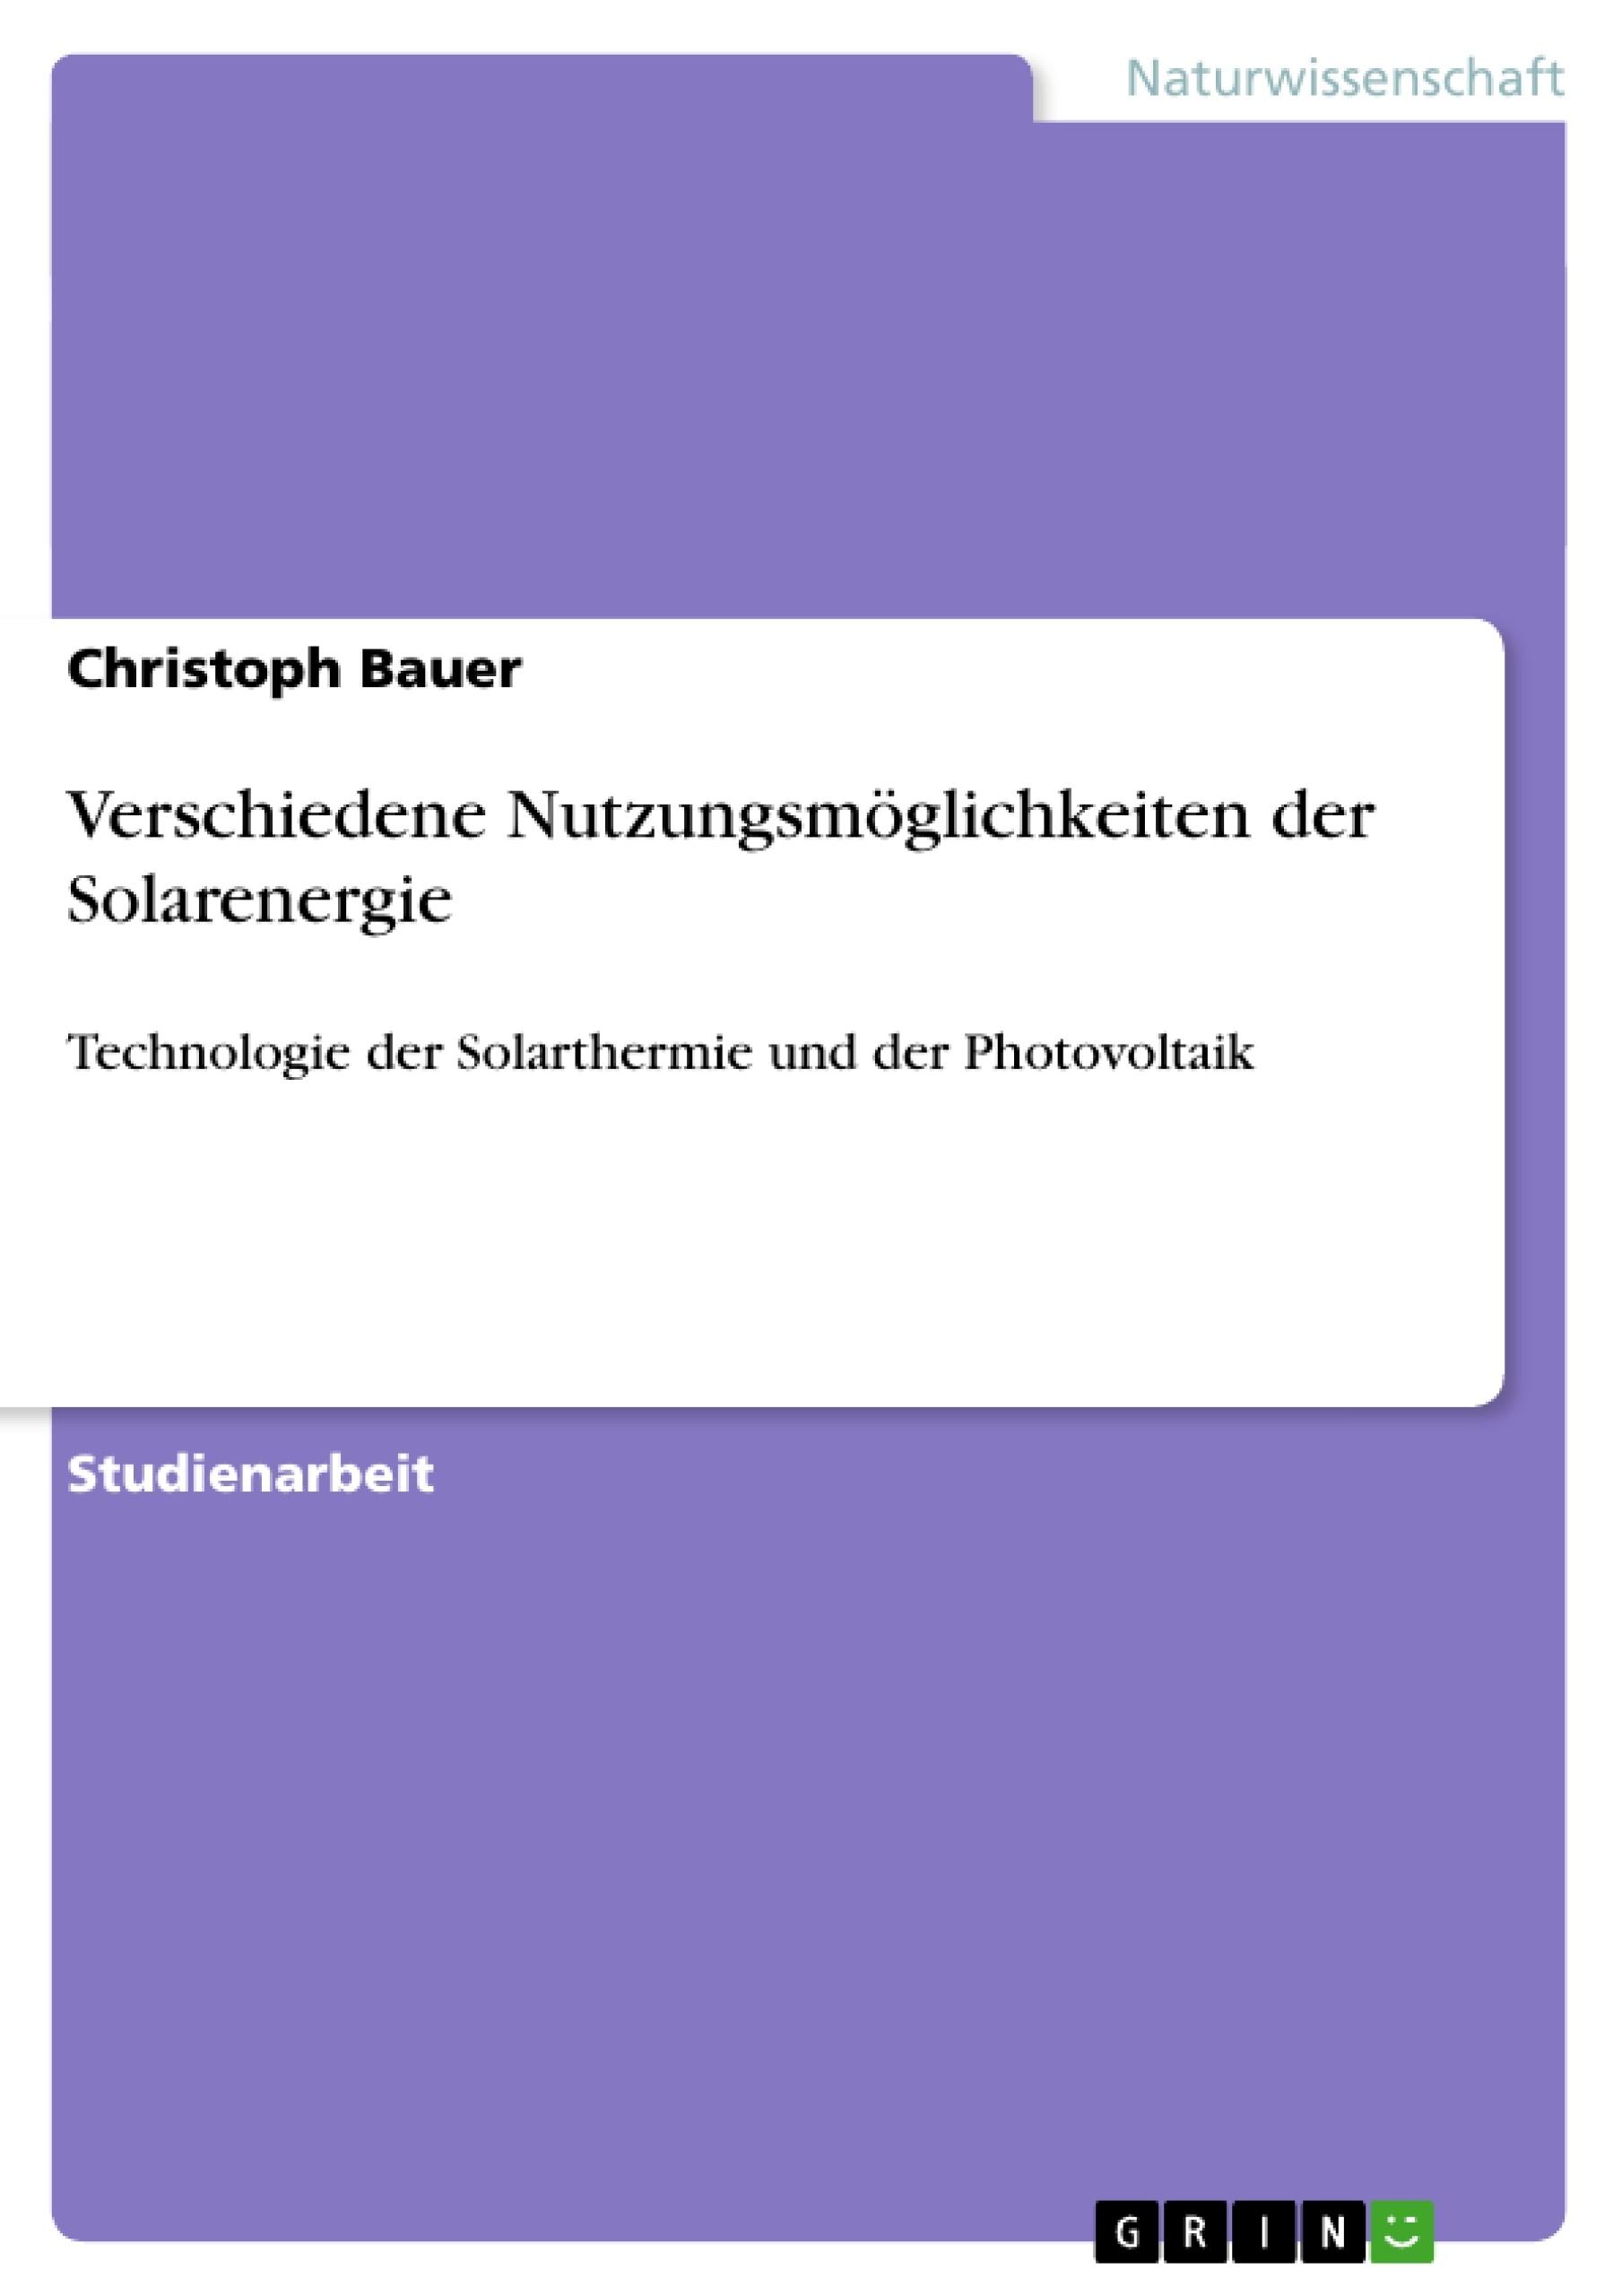 Titel: Verschiedene Nutzungsmöglichkeiten der Solarenergie